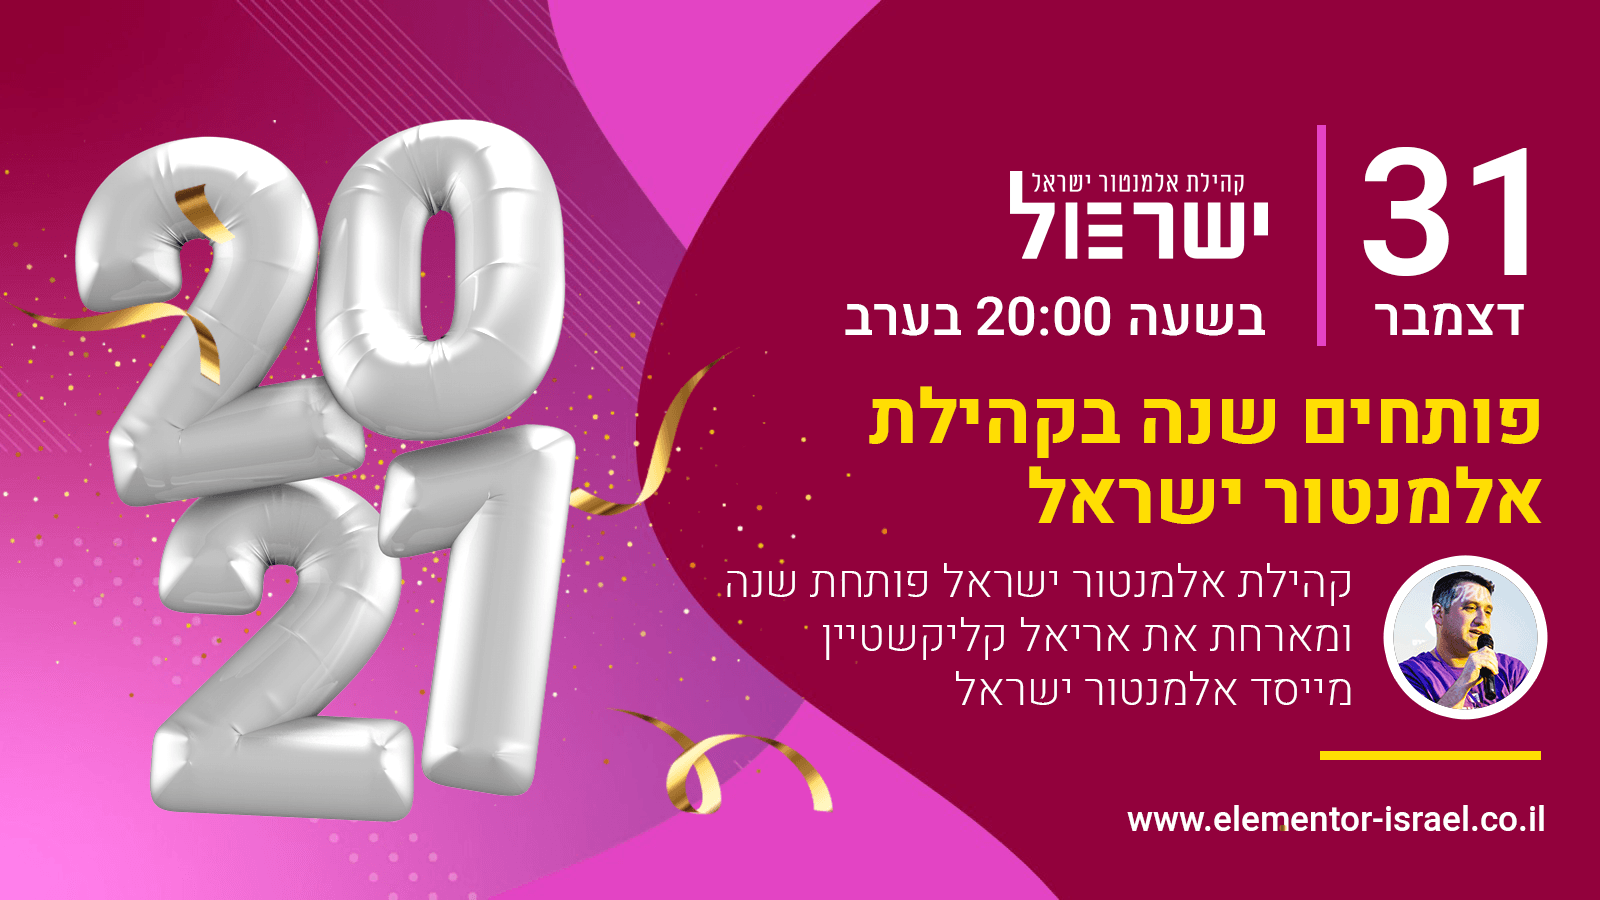 פותחים את שנת 2021 בקהילת אלמנטור ישראל